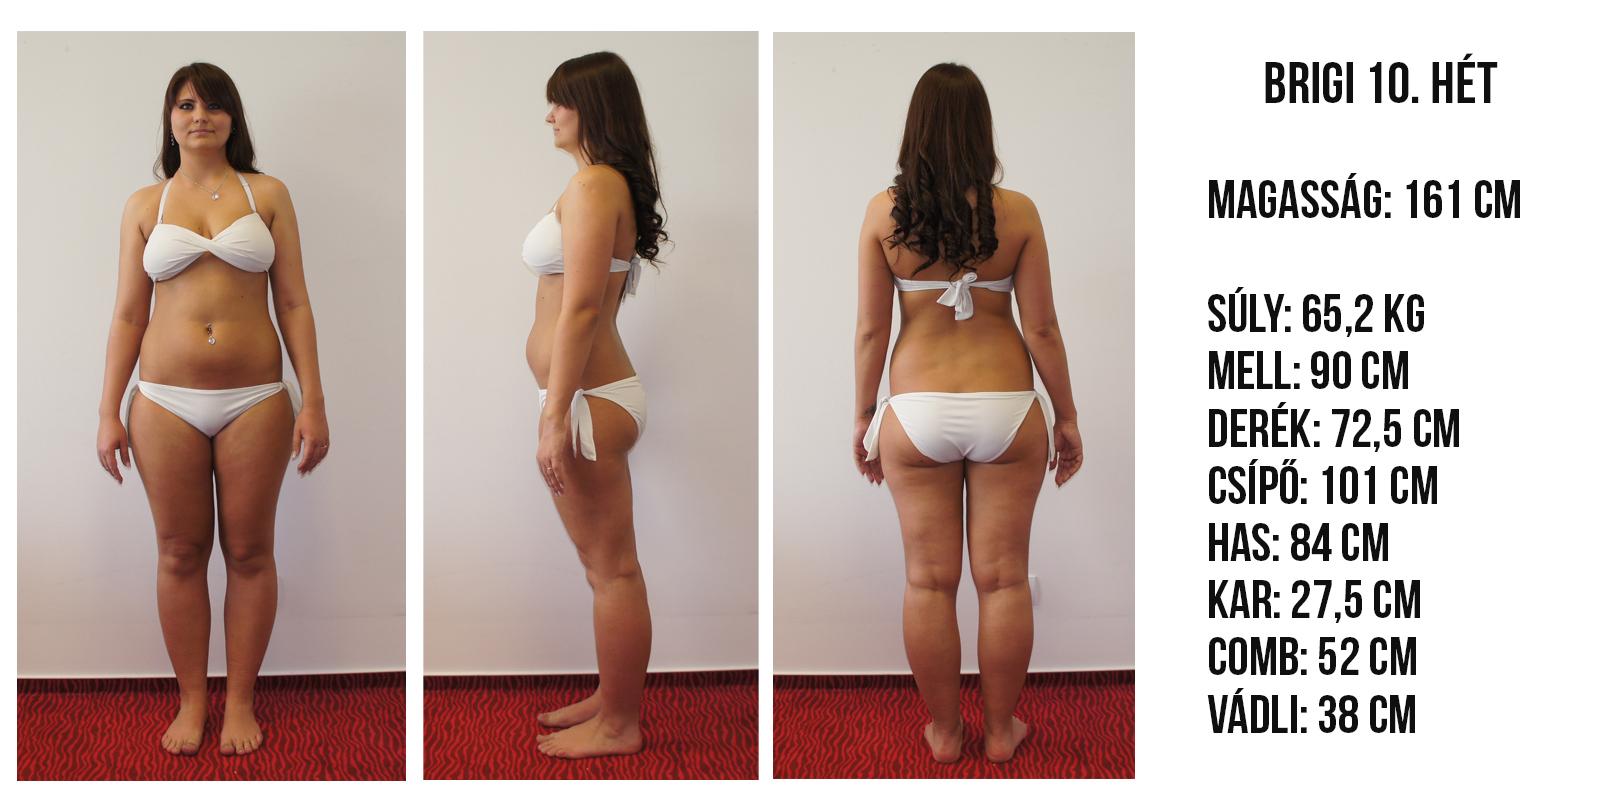 7 kg súlycsökkenés 3 hónap alatt